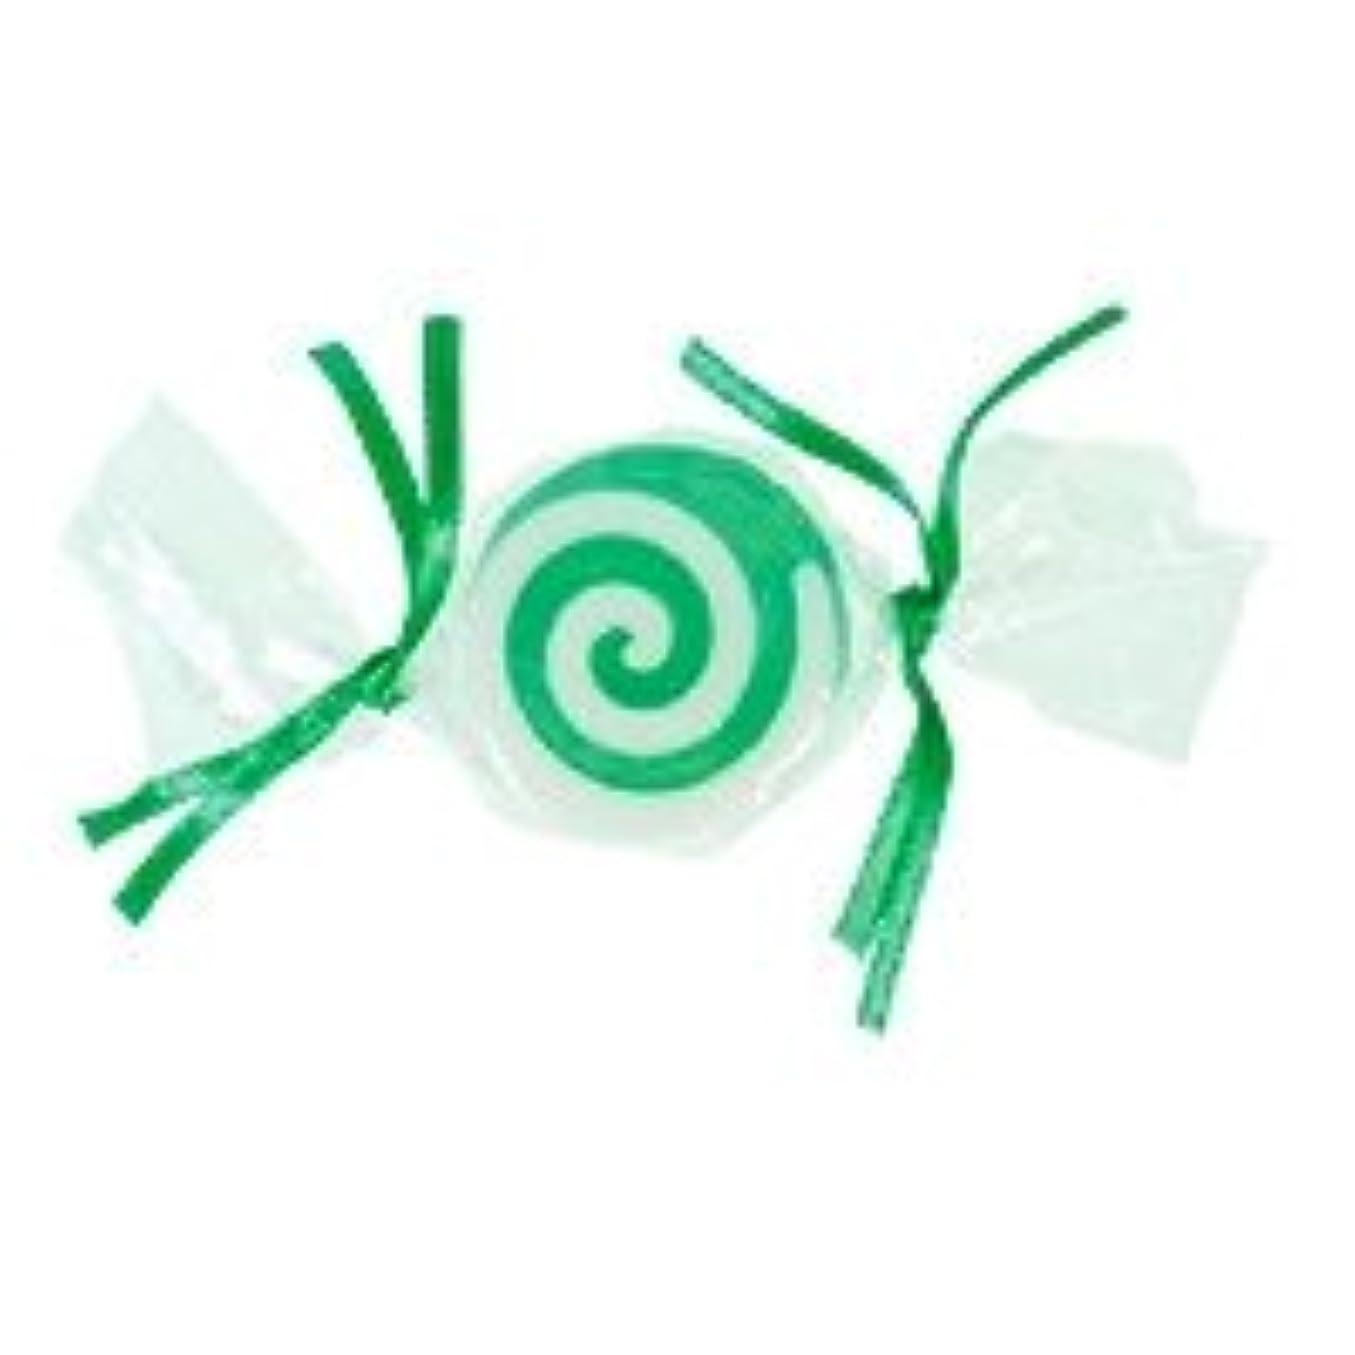 続編懺悔お客様ベジタブルソープ キャンディ「グリーン」20個セット グリーンアップルの香り